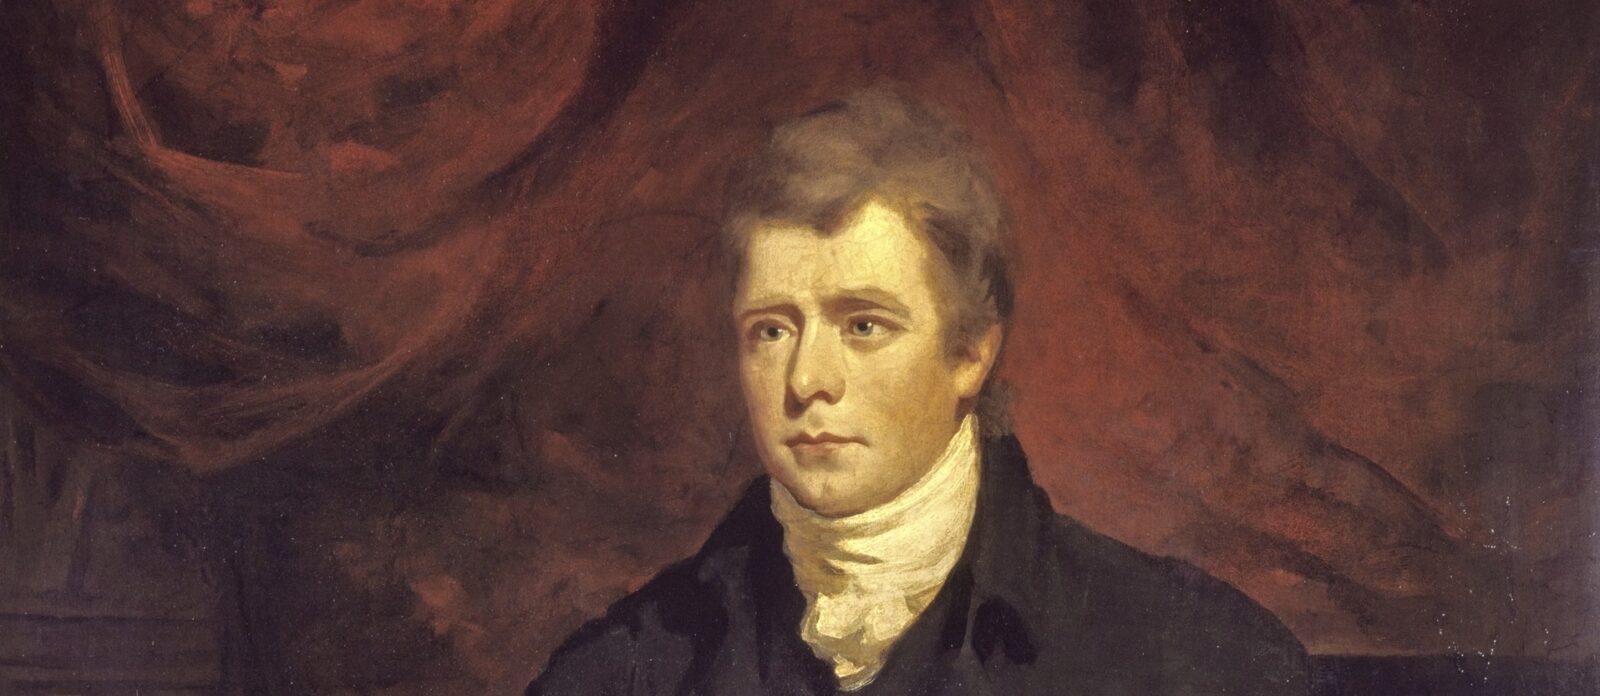 James Saxon